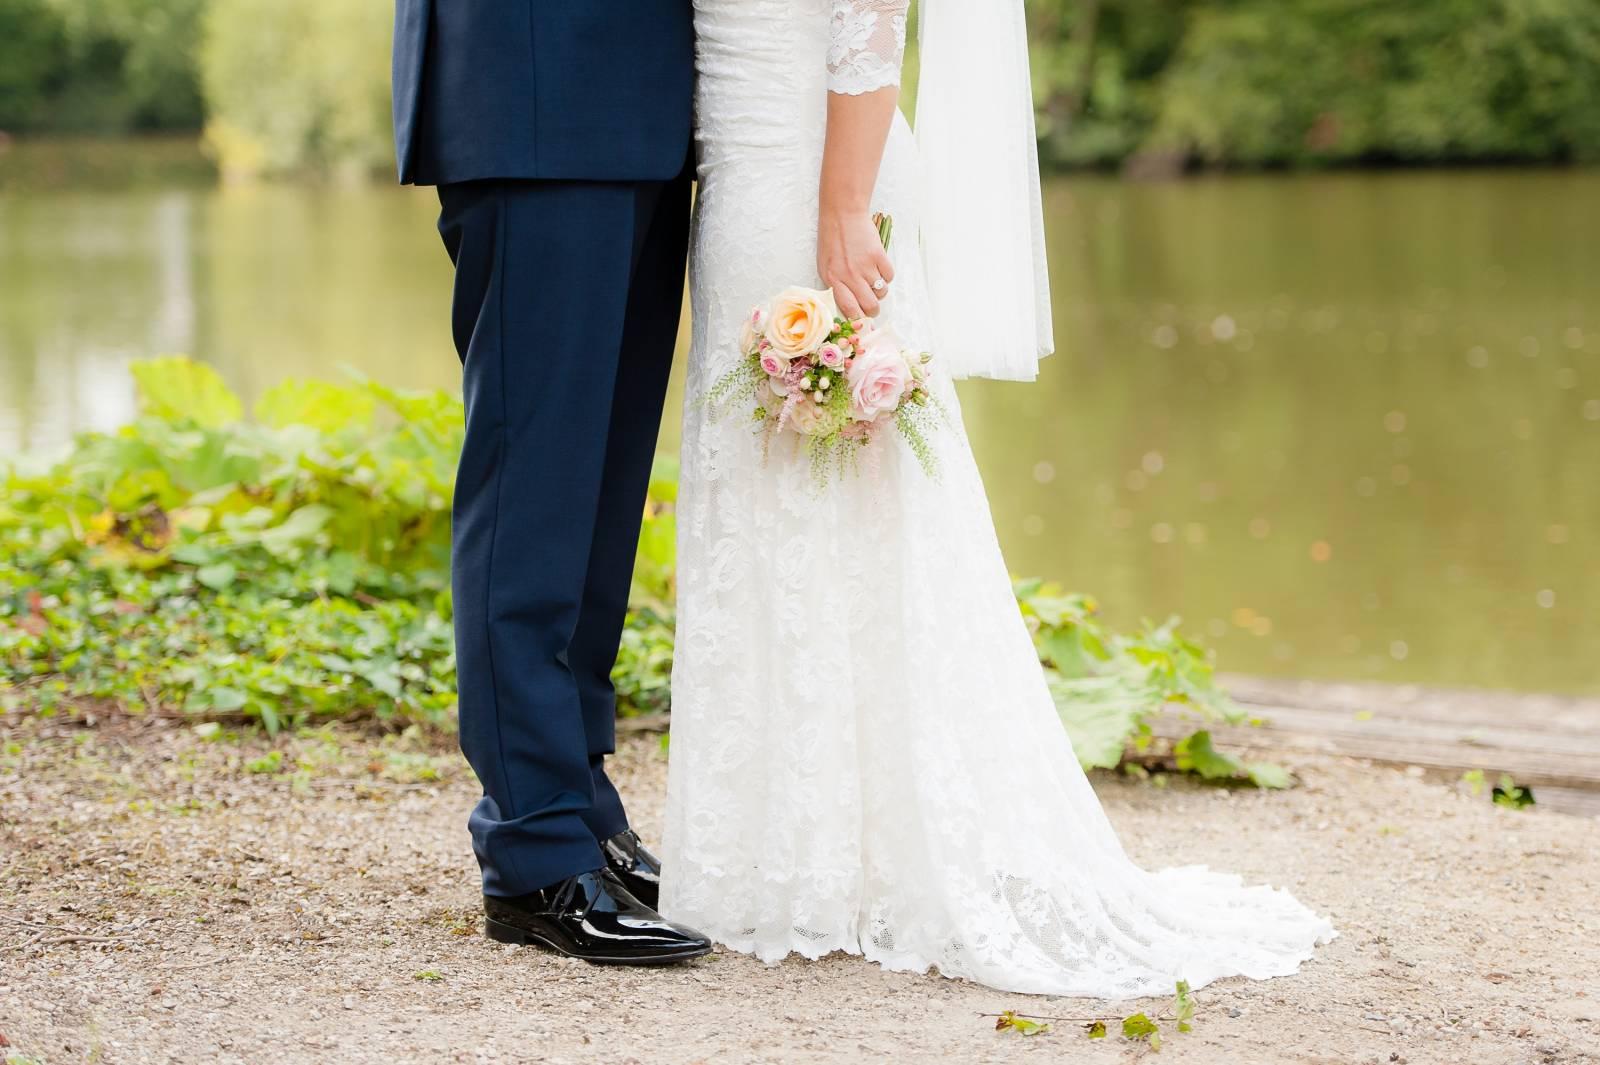 Domein Saint-Hubert - House of Weddings - Feestzaal Oost-Vlaanderen - Ronse - huwelijk - ceremonie cateri (2)